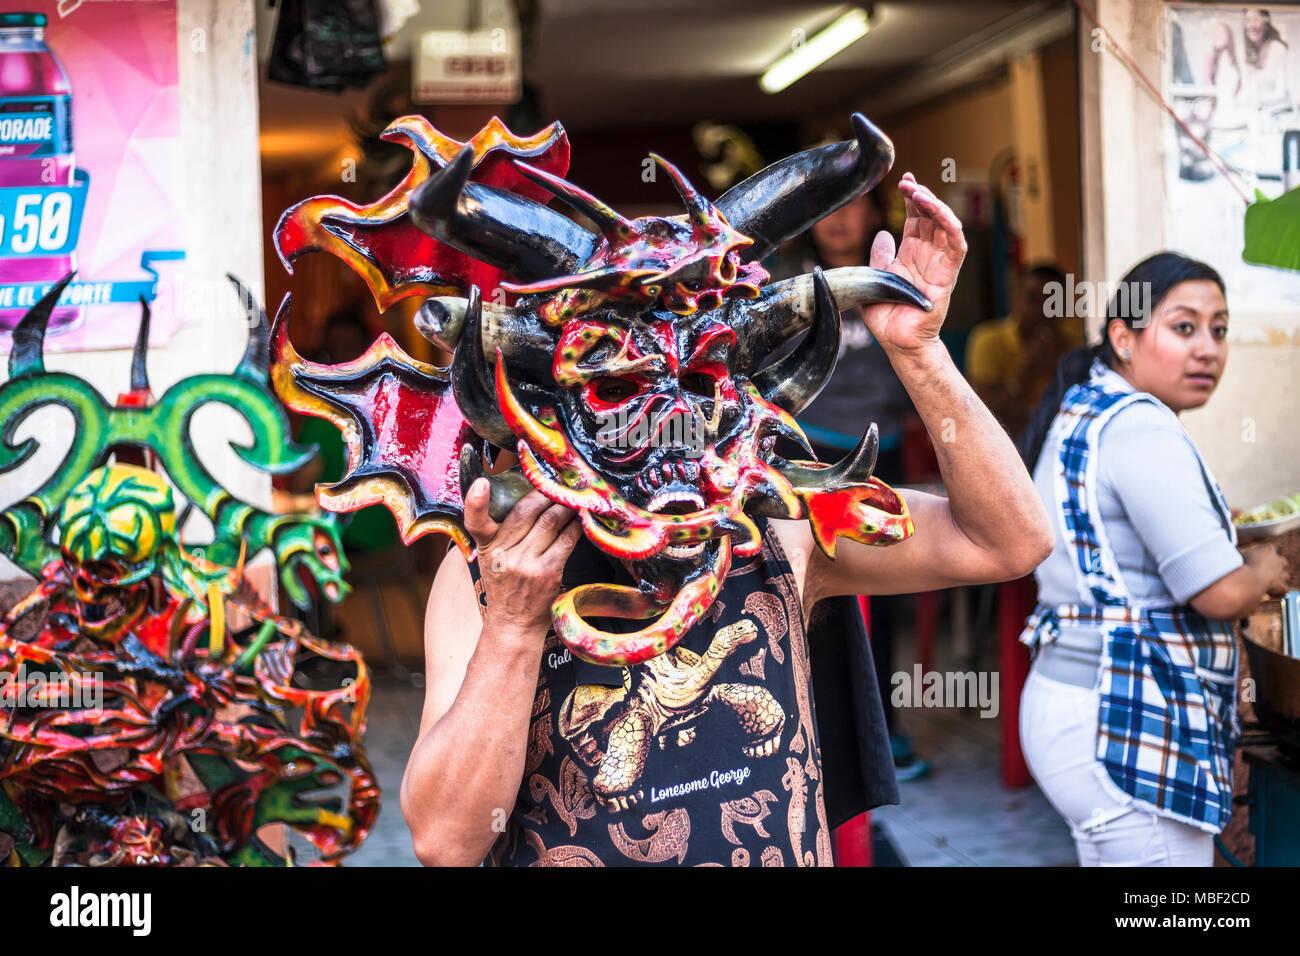 Píllaro, ECUADOR - Febbraio 6, 2016: Unidentified uomo vestito come diavolo nel diabladas festeggiamenti in Pillaro. Foto Stock